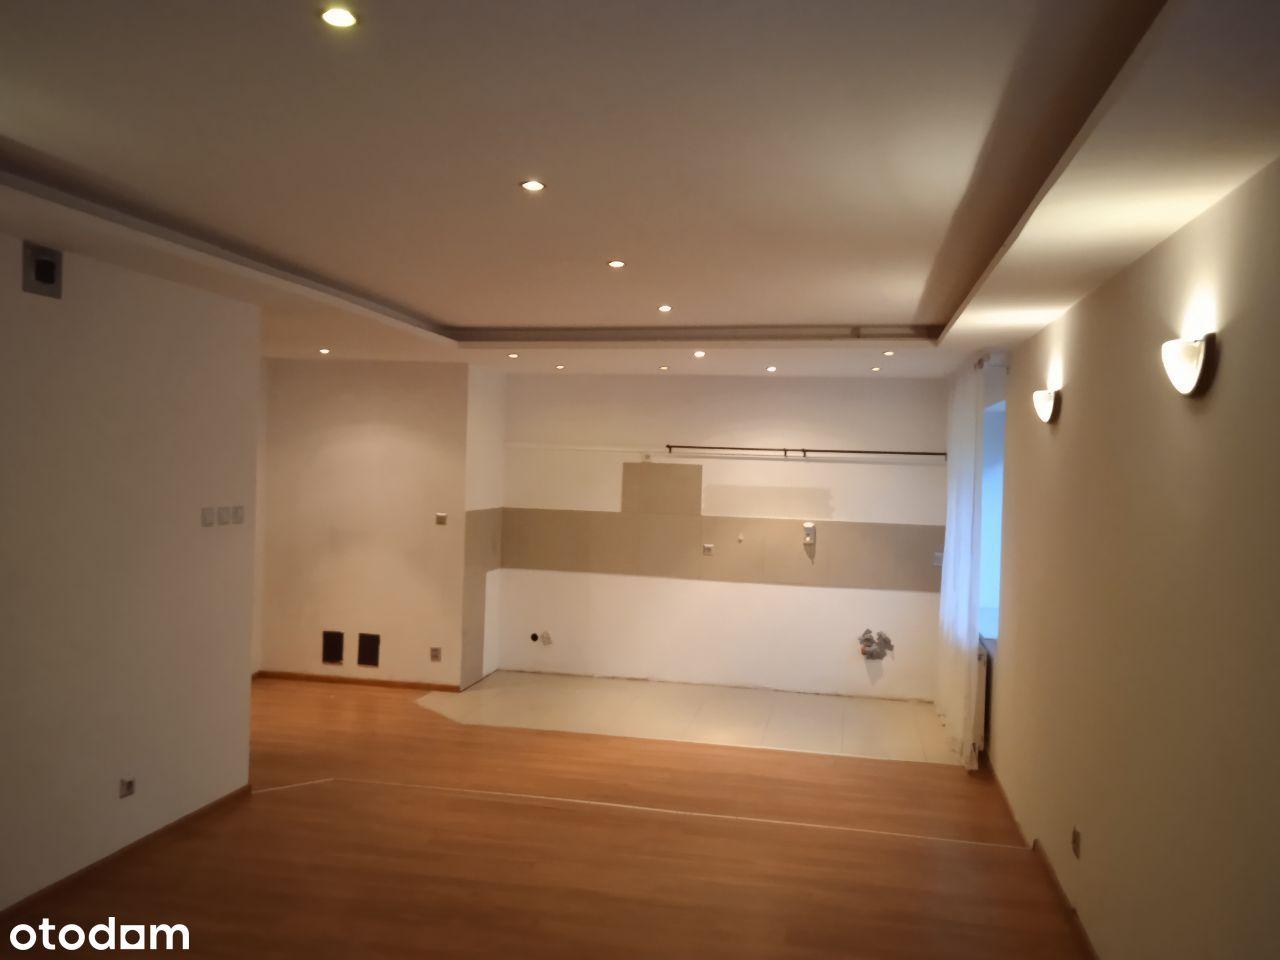 Duży dom 2 mieszkania 10 km Wrocław